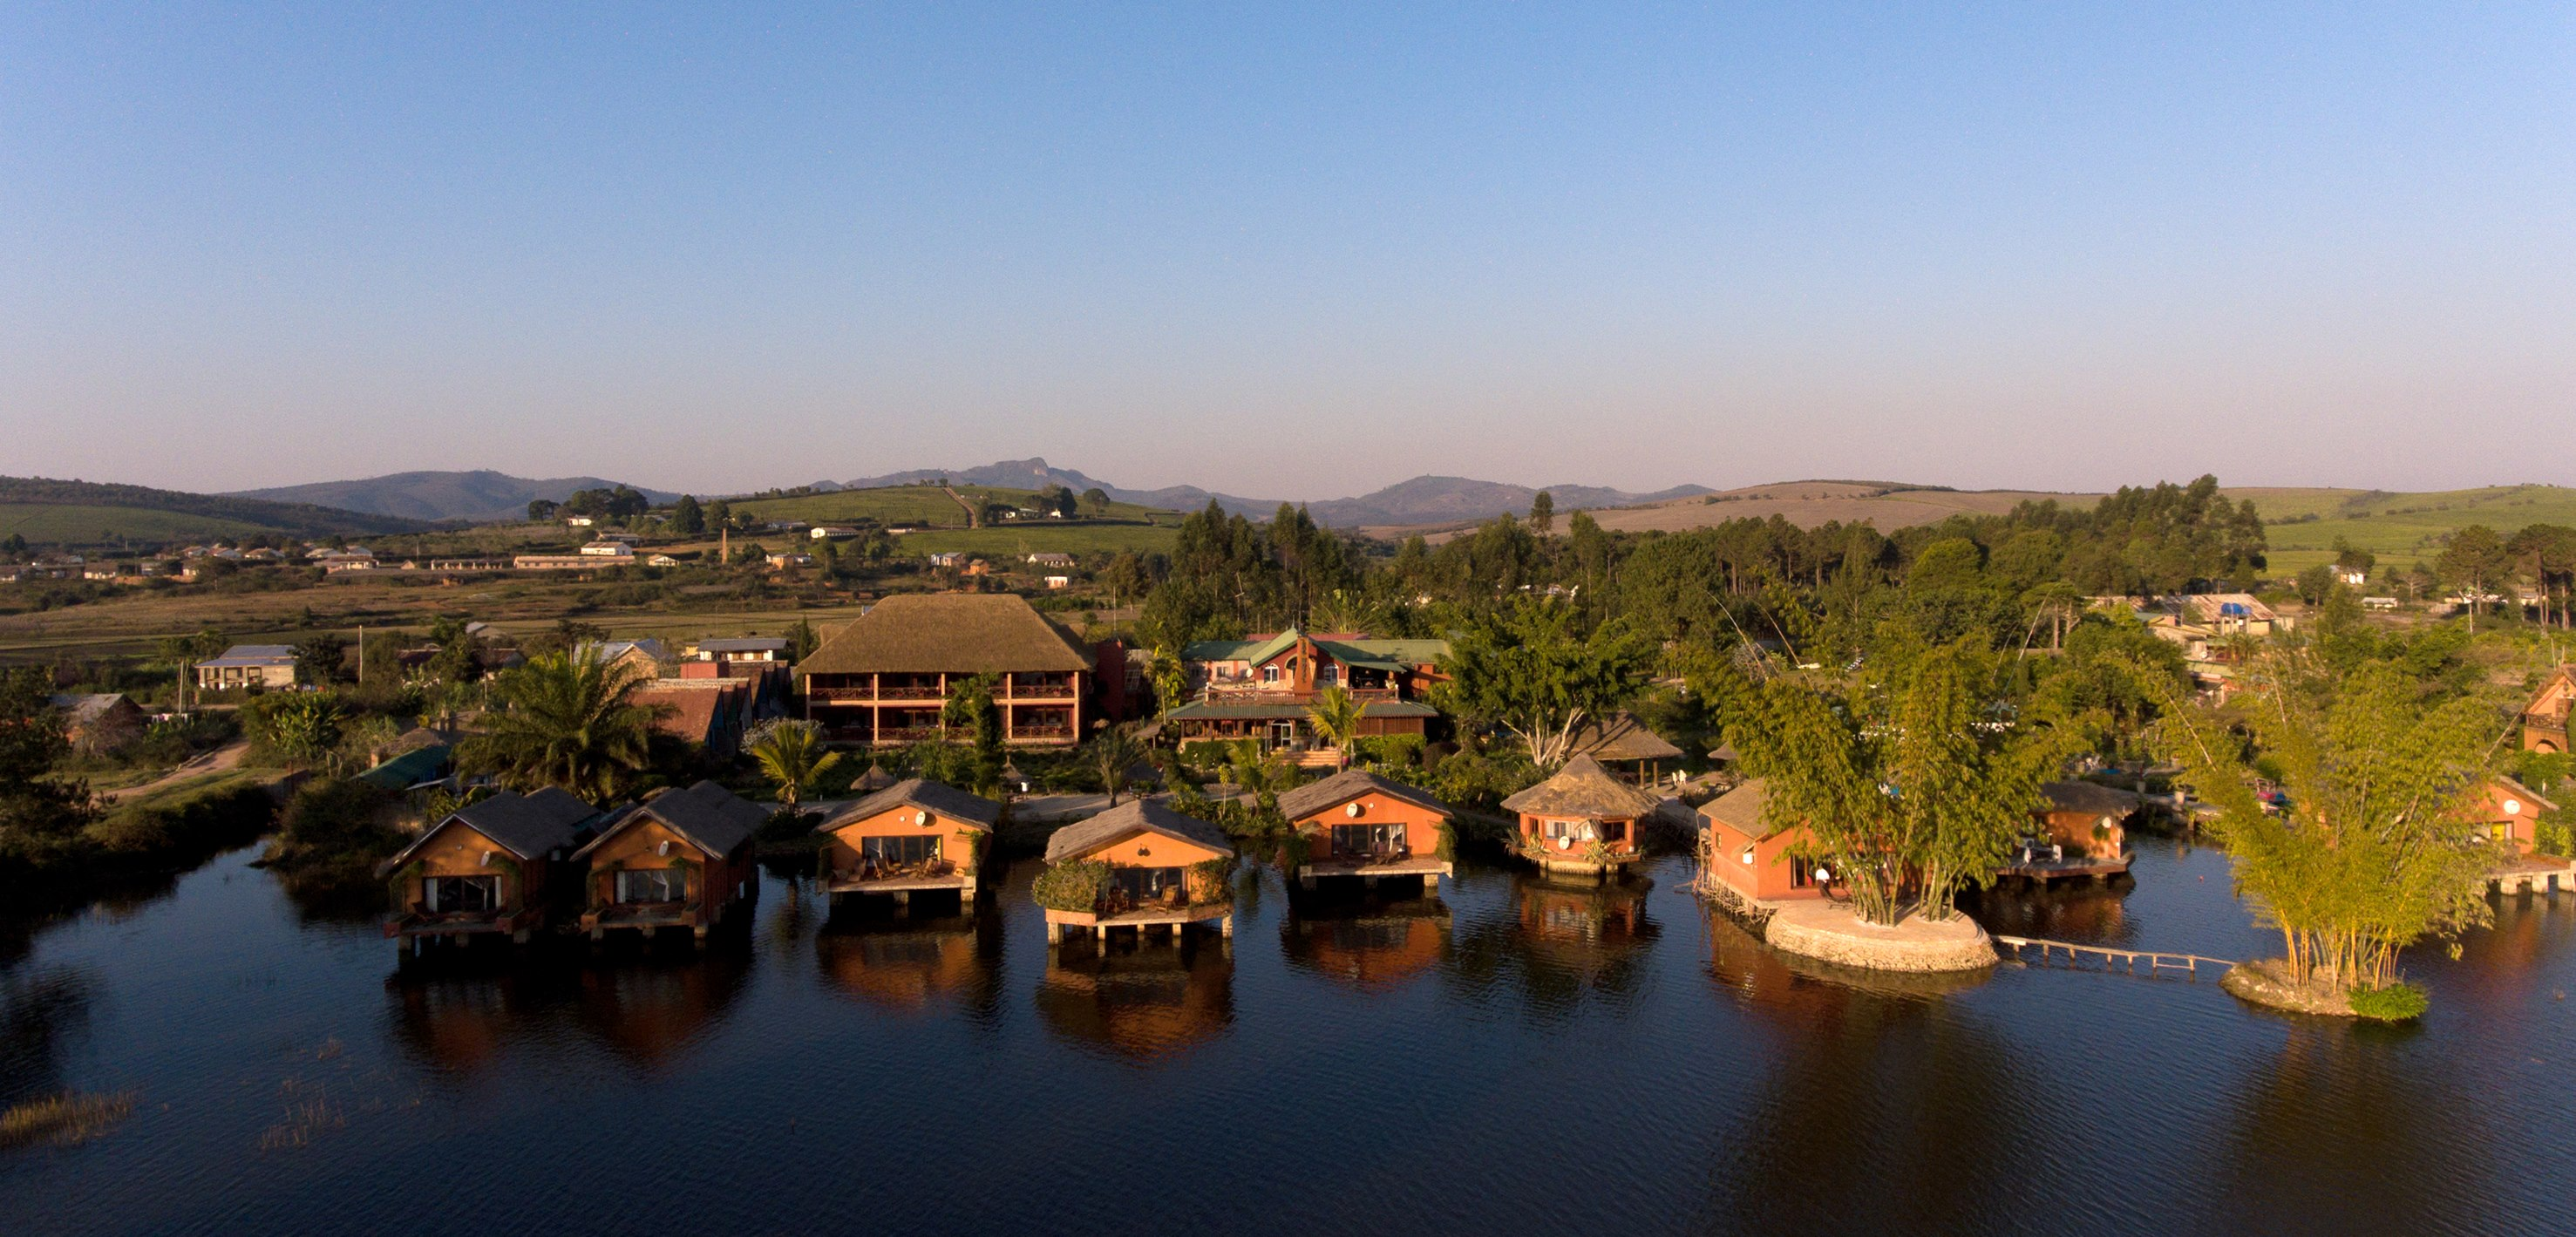 Madagascar - Fianarantsoa, Lac Hotel (photo site Lac Hotel)